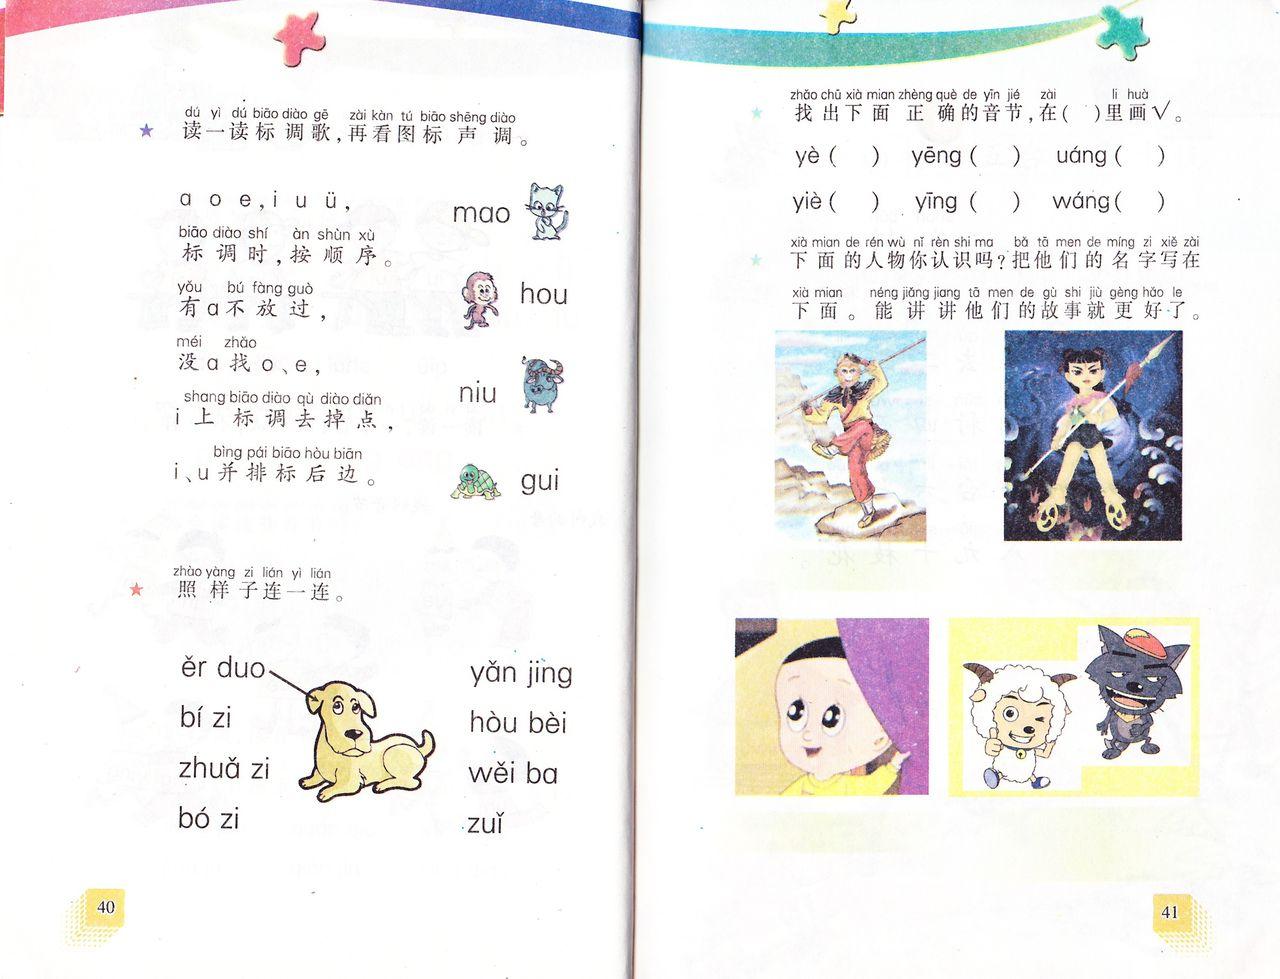 国語 小学3年生国語教科書 : 小学校 教科書 中国語 教科書 ...